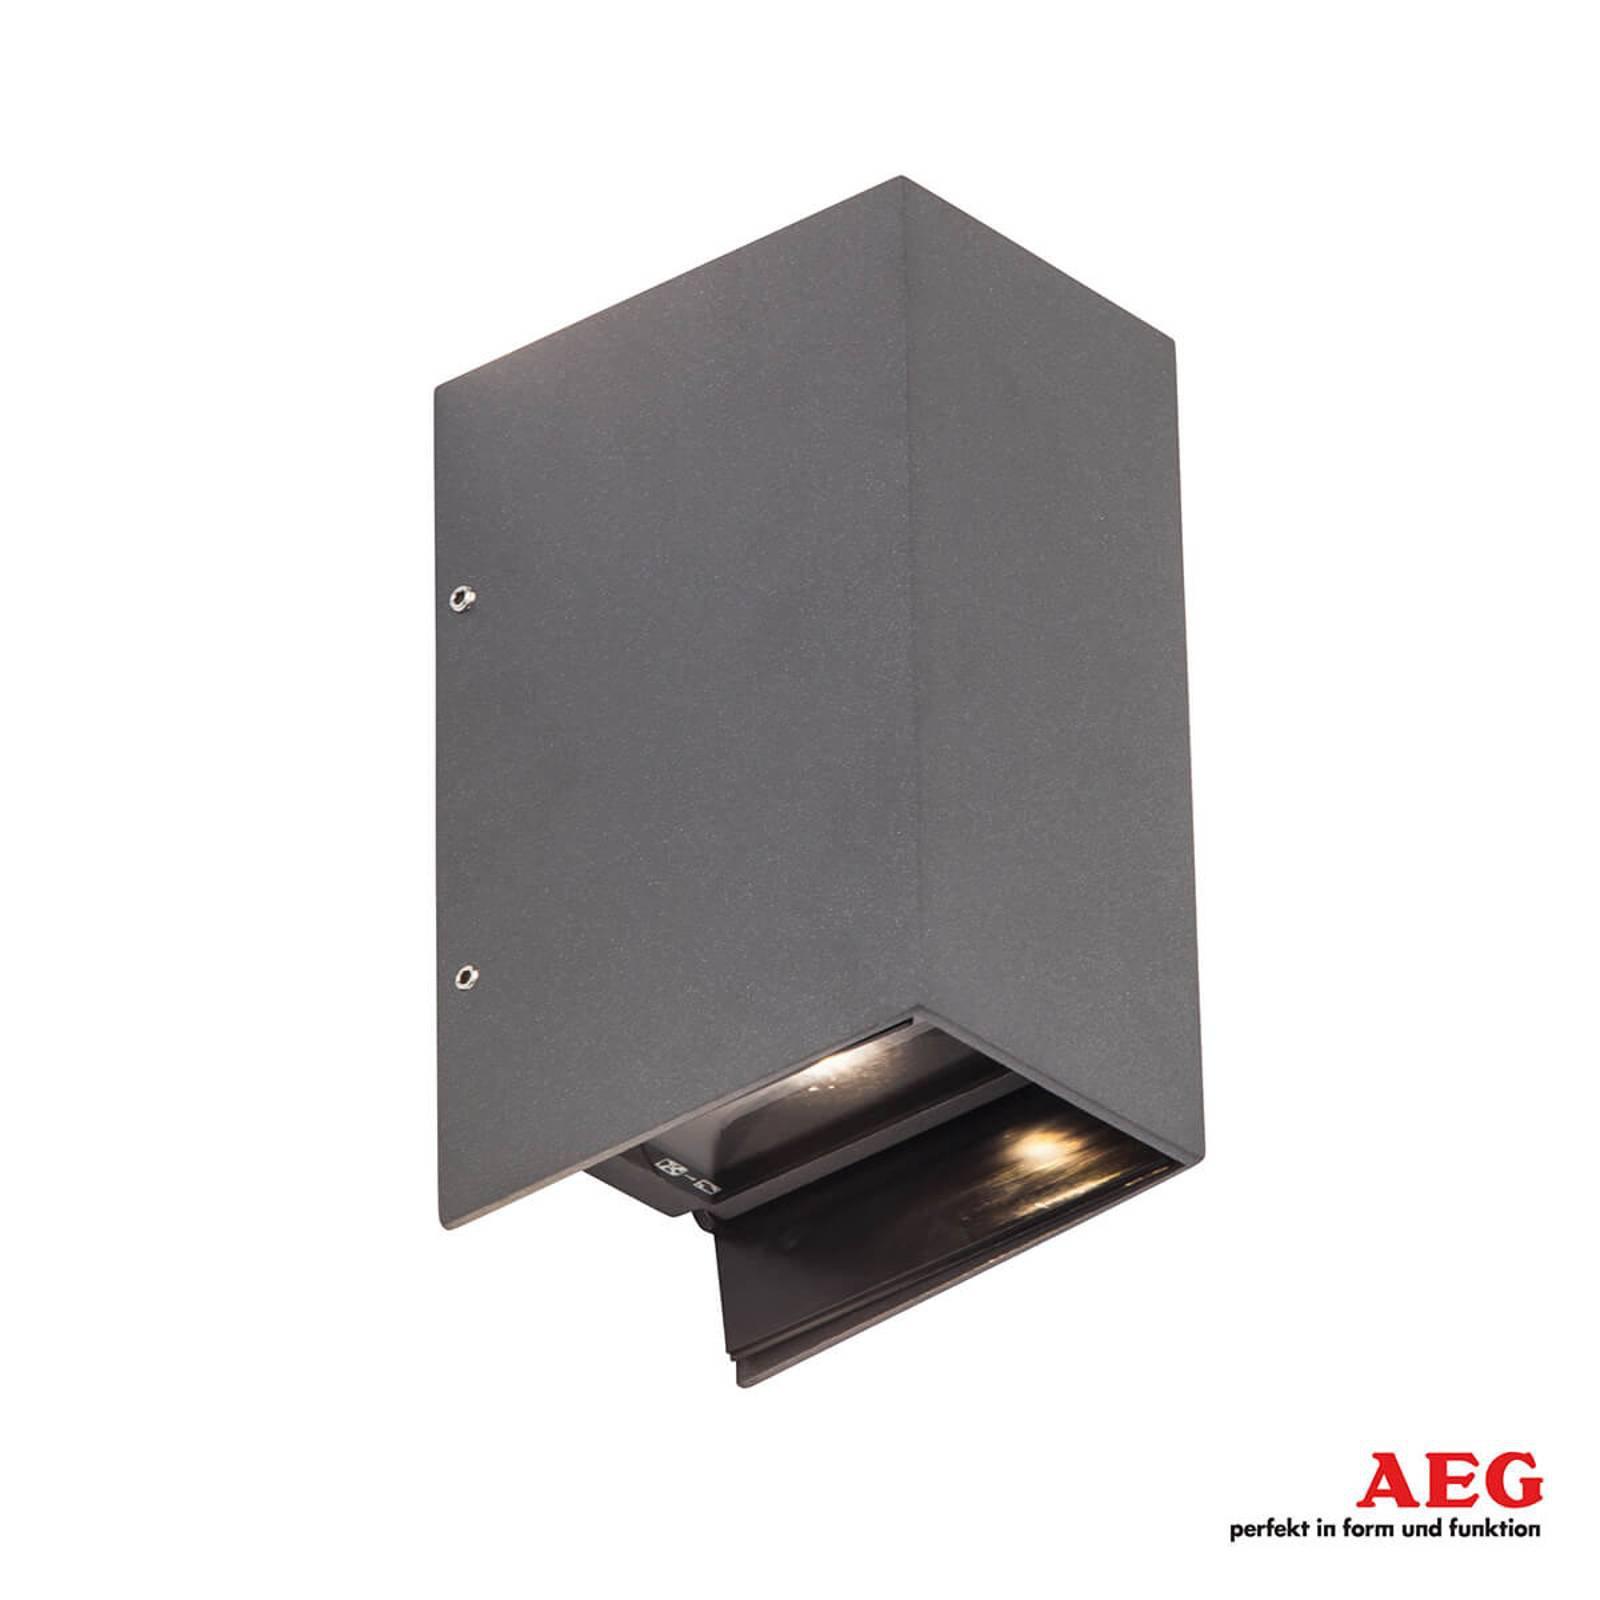 Adapt LED-utevegglampe med up- og downlight